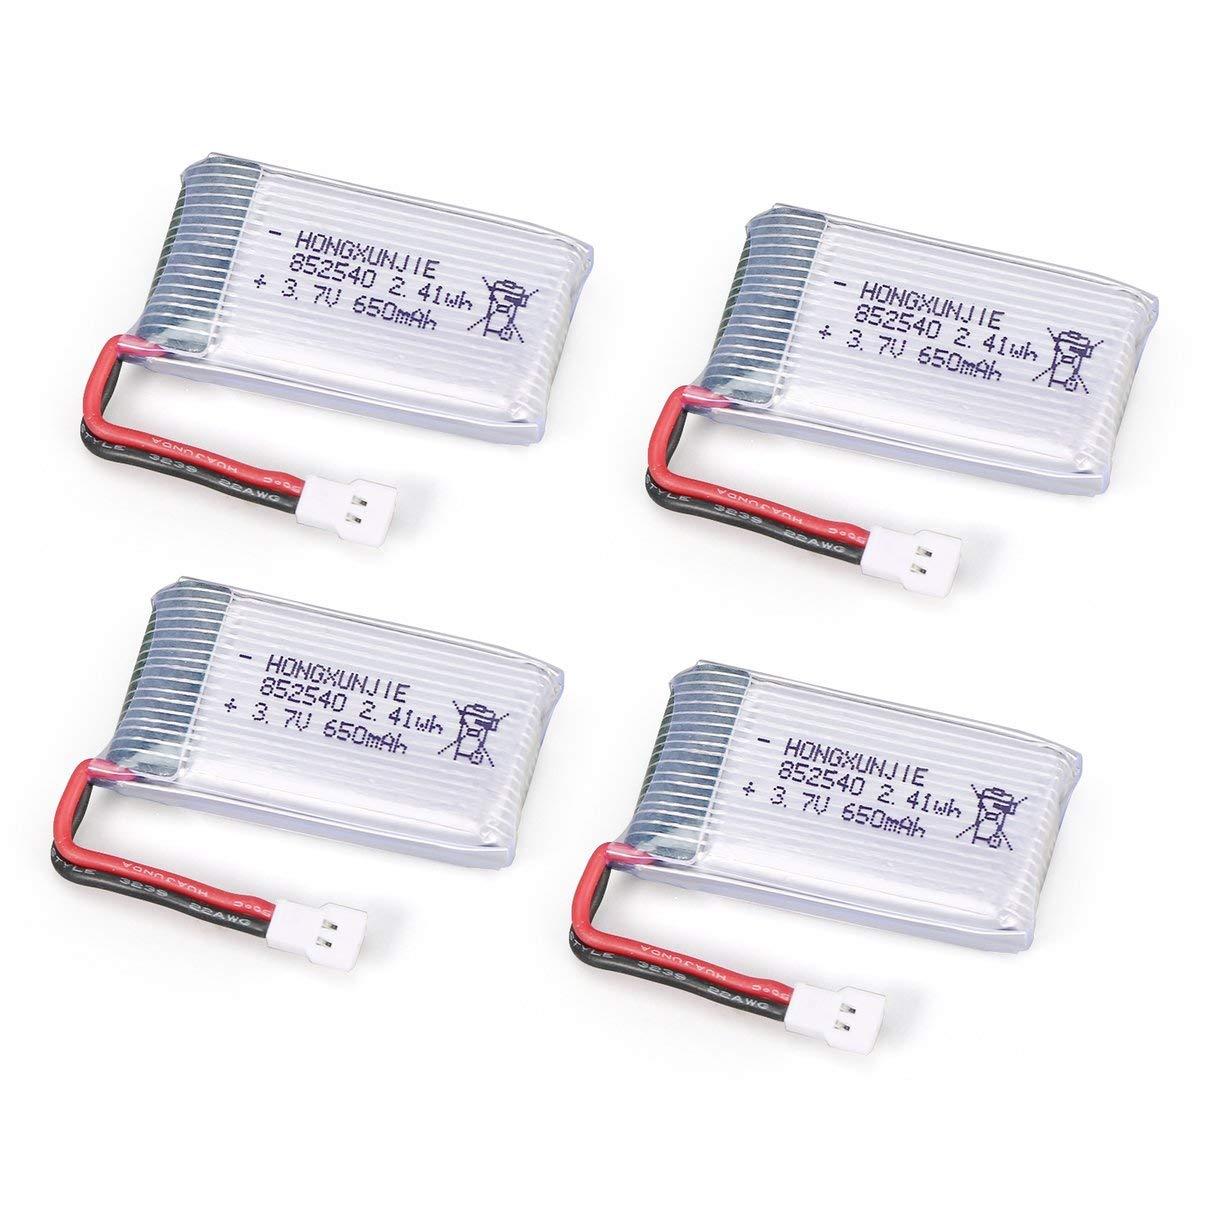 4 Unids 3.7 V 650 mAh Bater/ía 4 en 1 Cargador USB para Syma X5 X5C X5SC X5SW MJX X705C RC Drone Quadcopter Piezas de Bater/ía de Repuesto